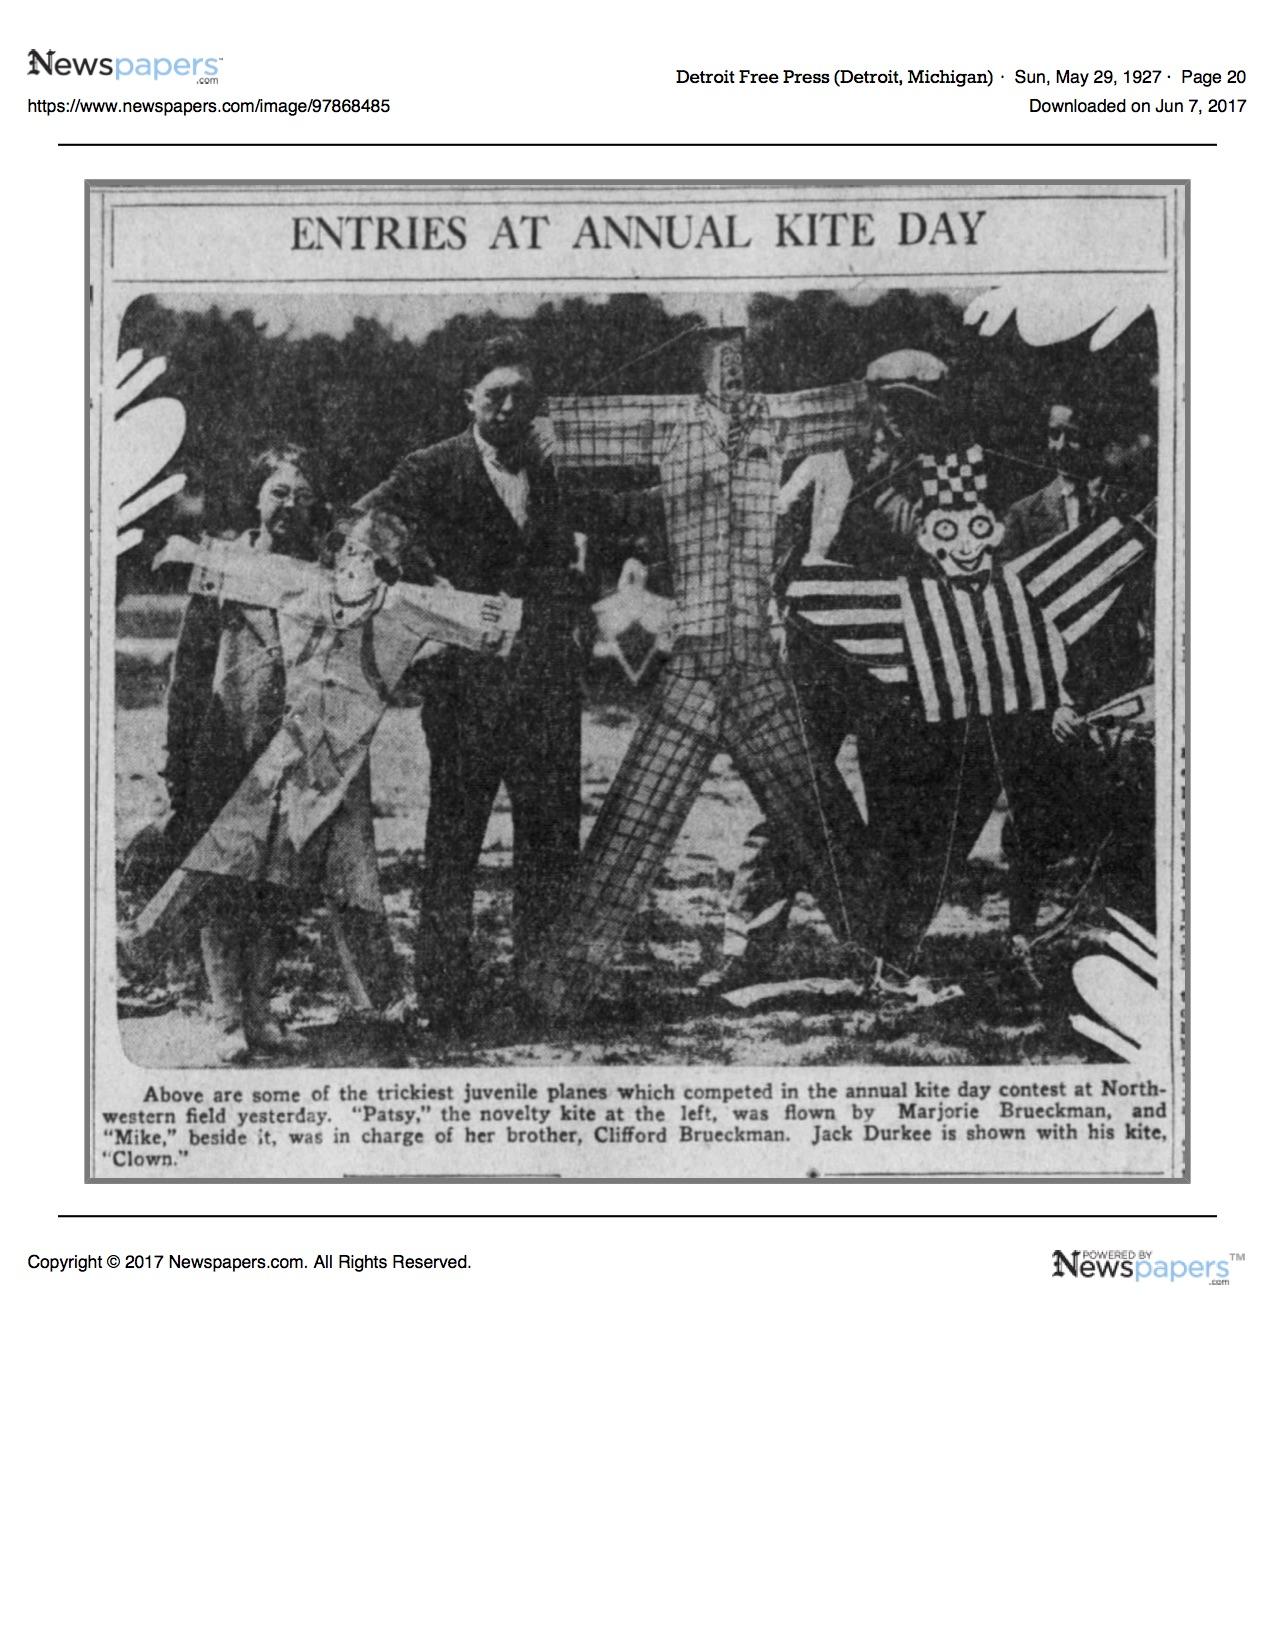 1927 kite photo.jpg